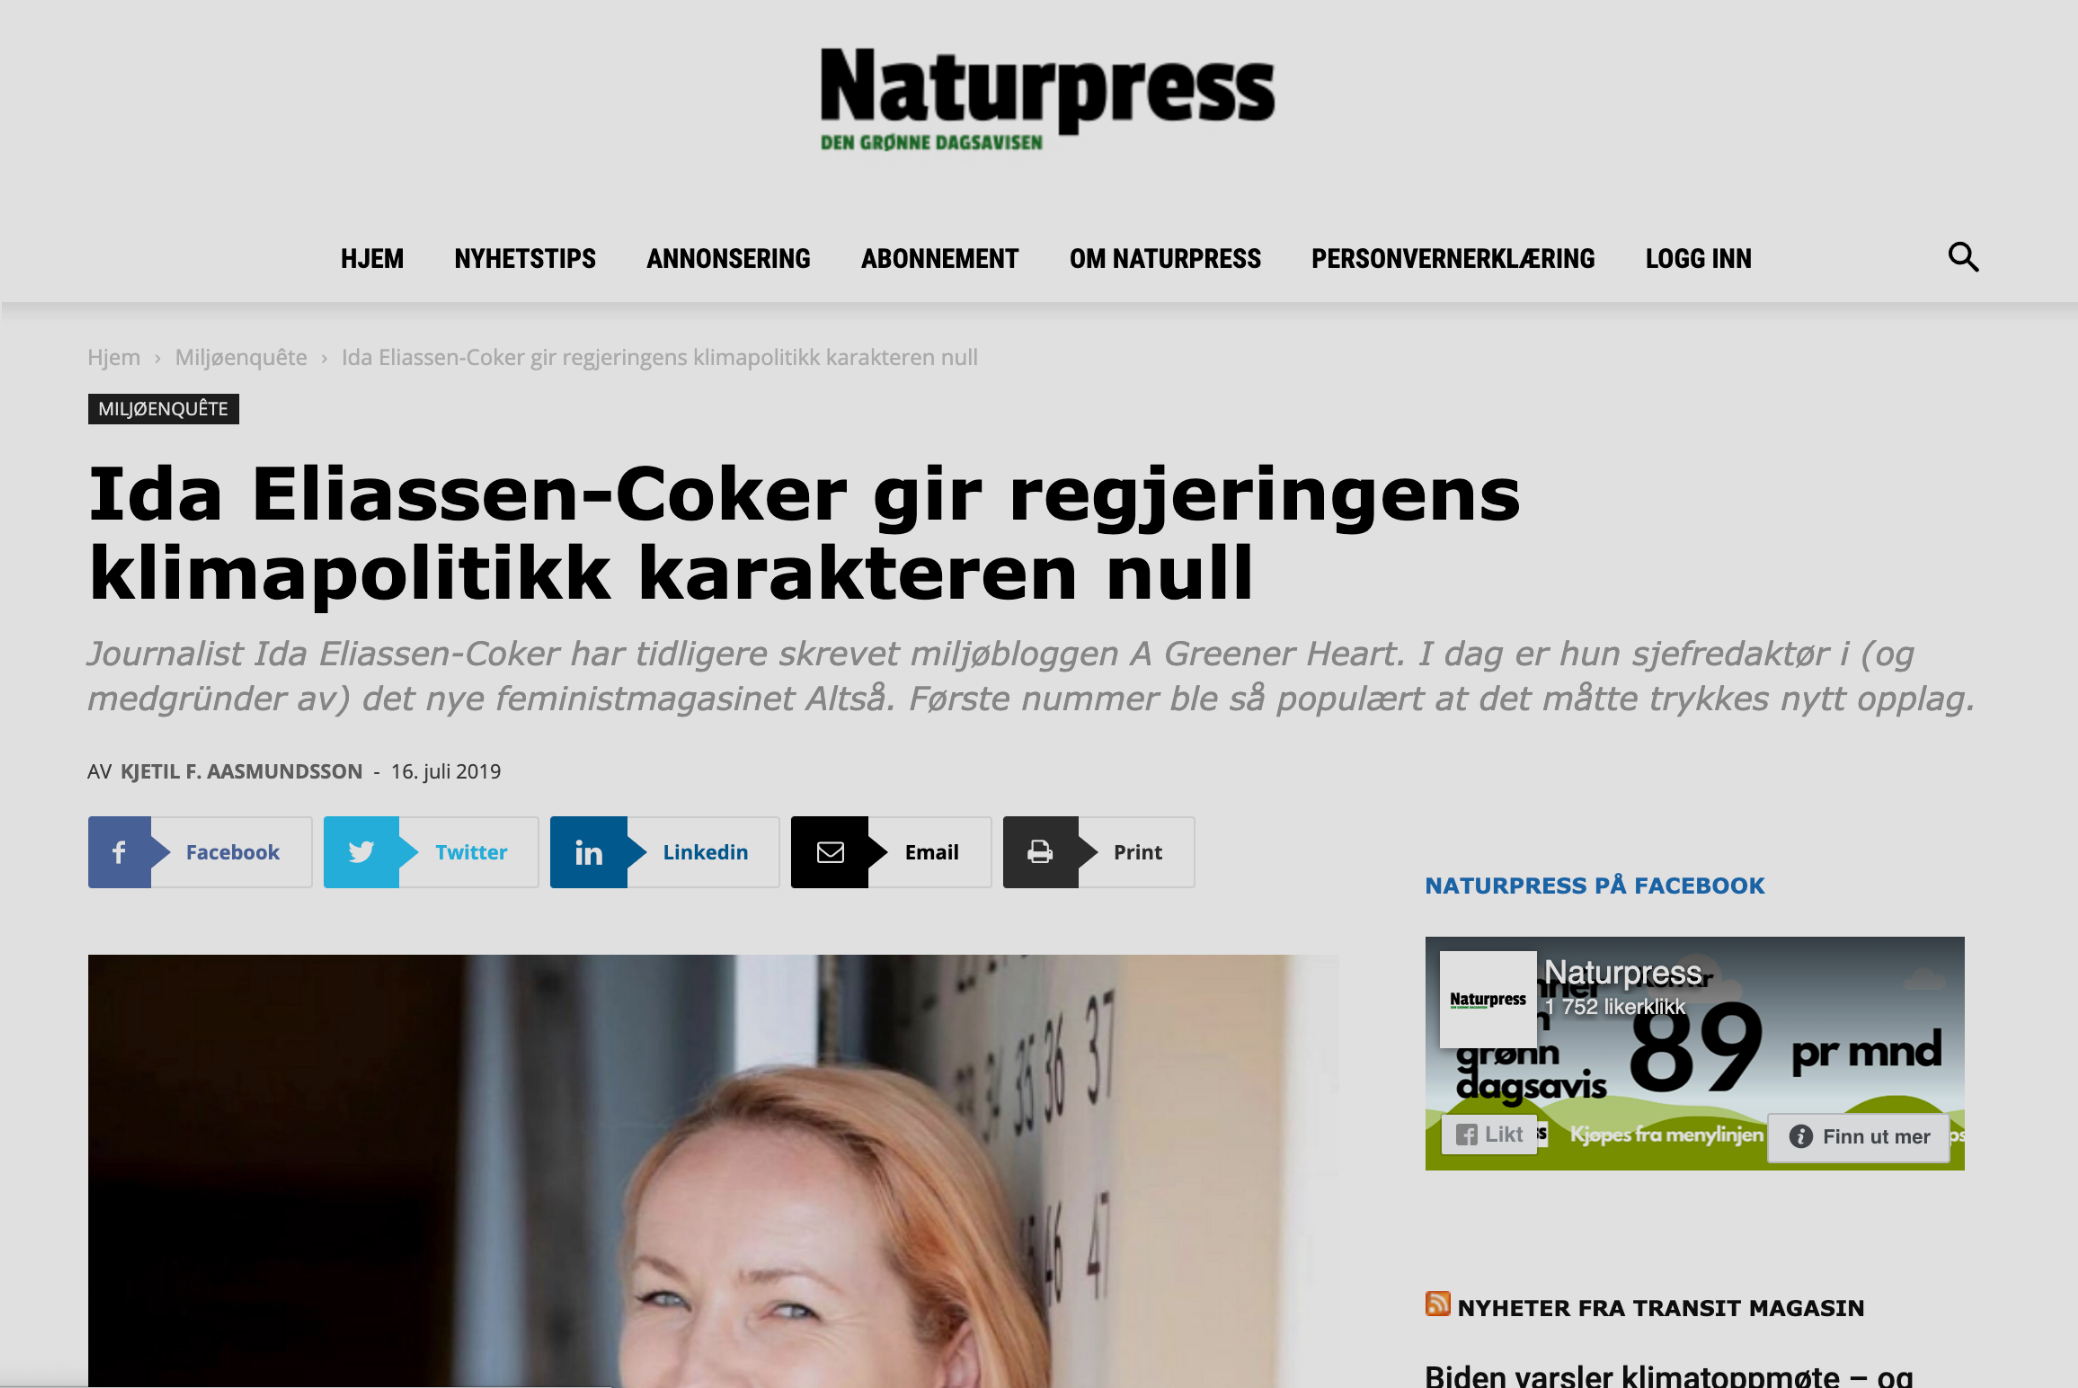 Ida Eliassen-Coker gir regjeringens klimapolitikk karakteren null